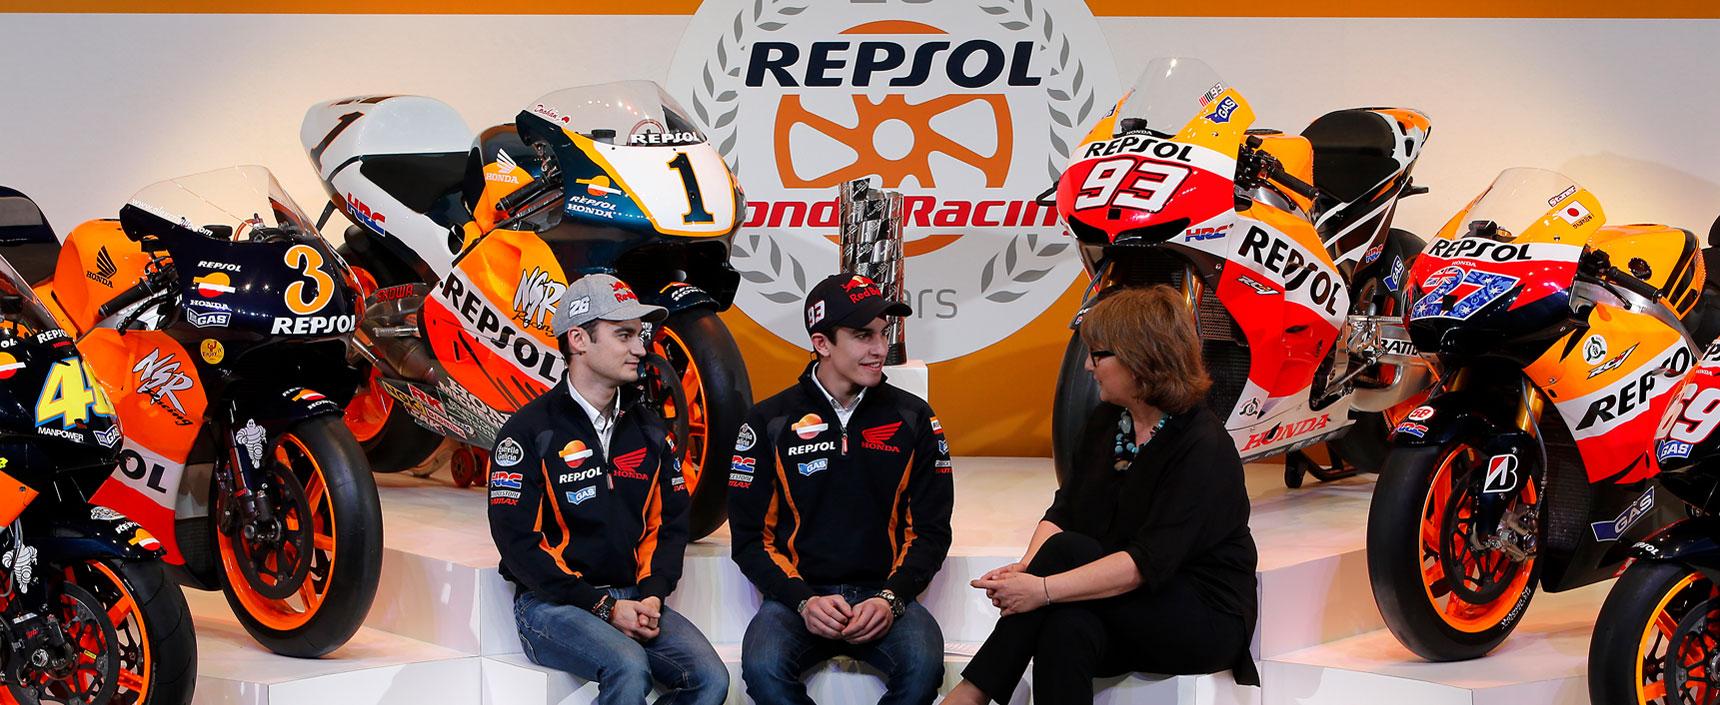 Repsol Honda Team cumple 20 años con un palmáres de 10 títulos mundiales y 124 victorias en carrera